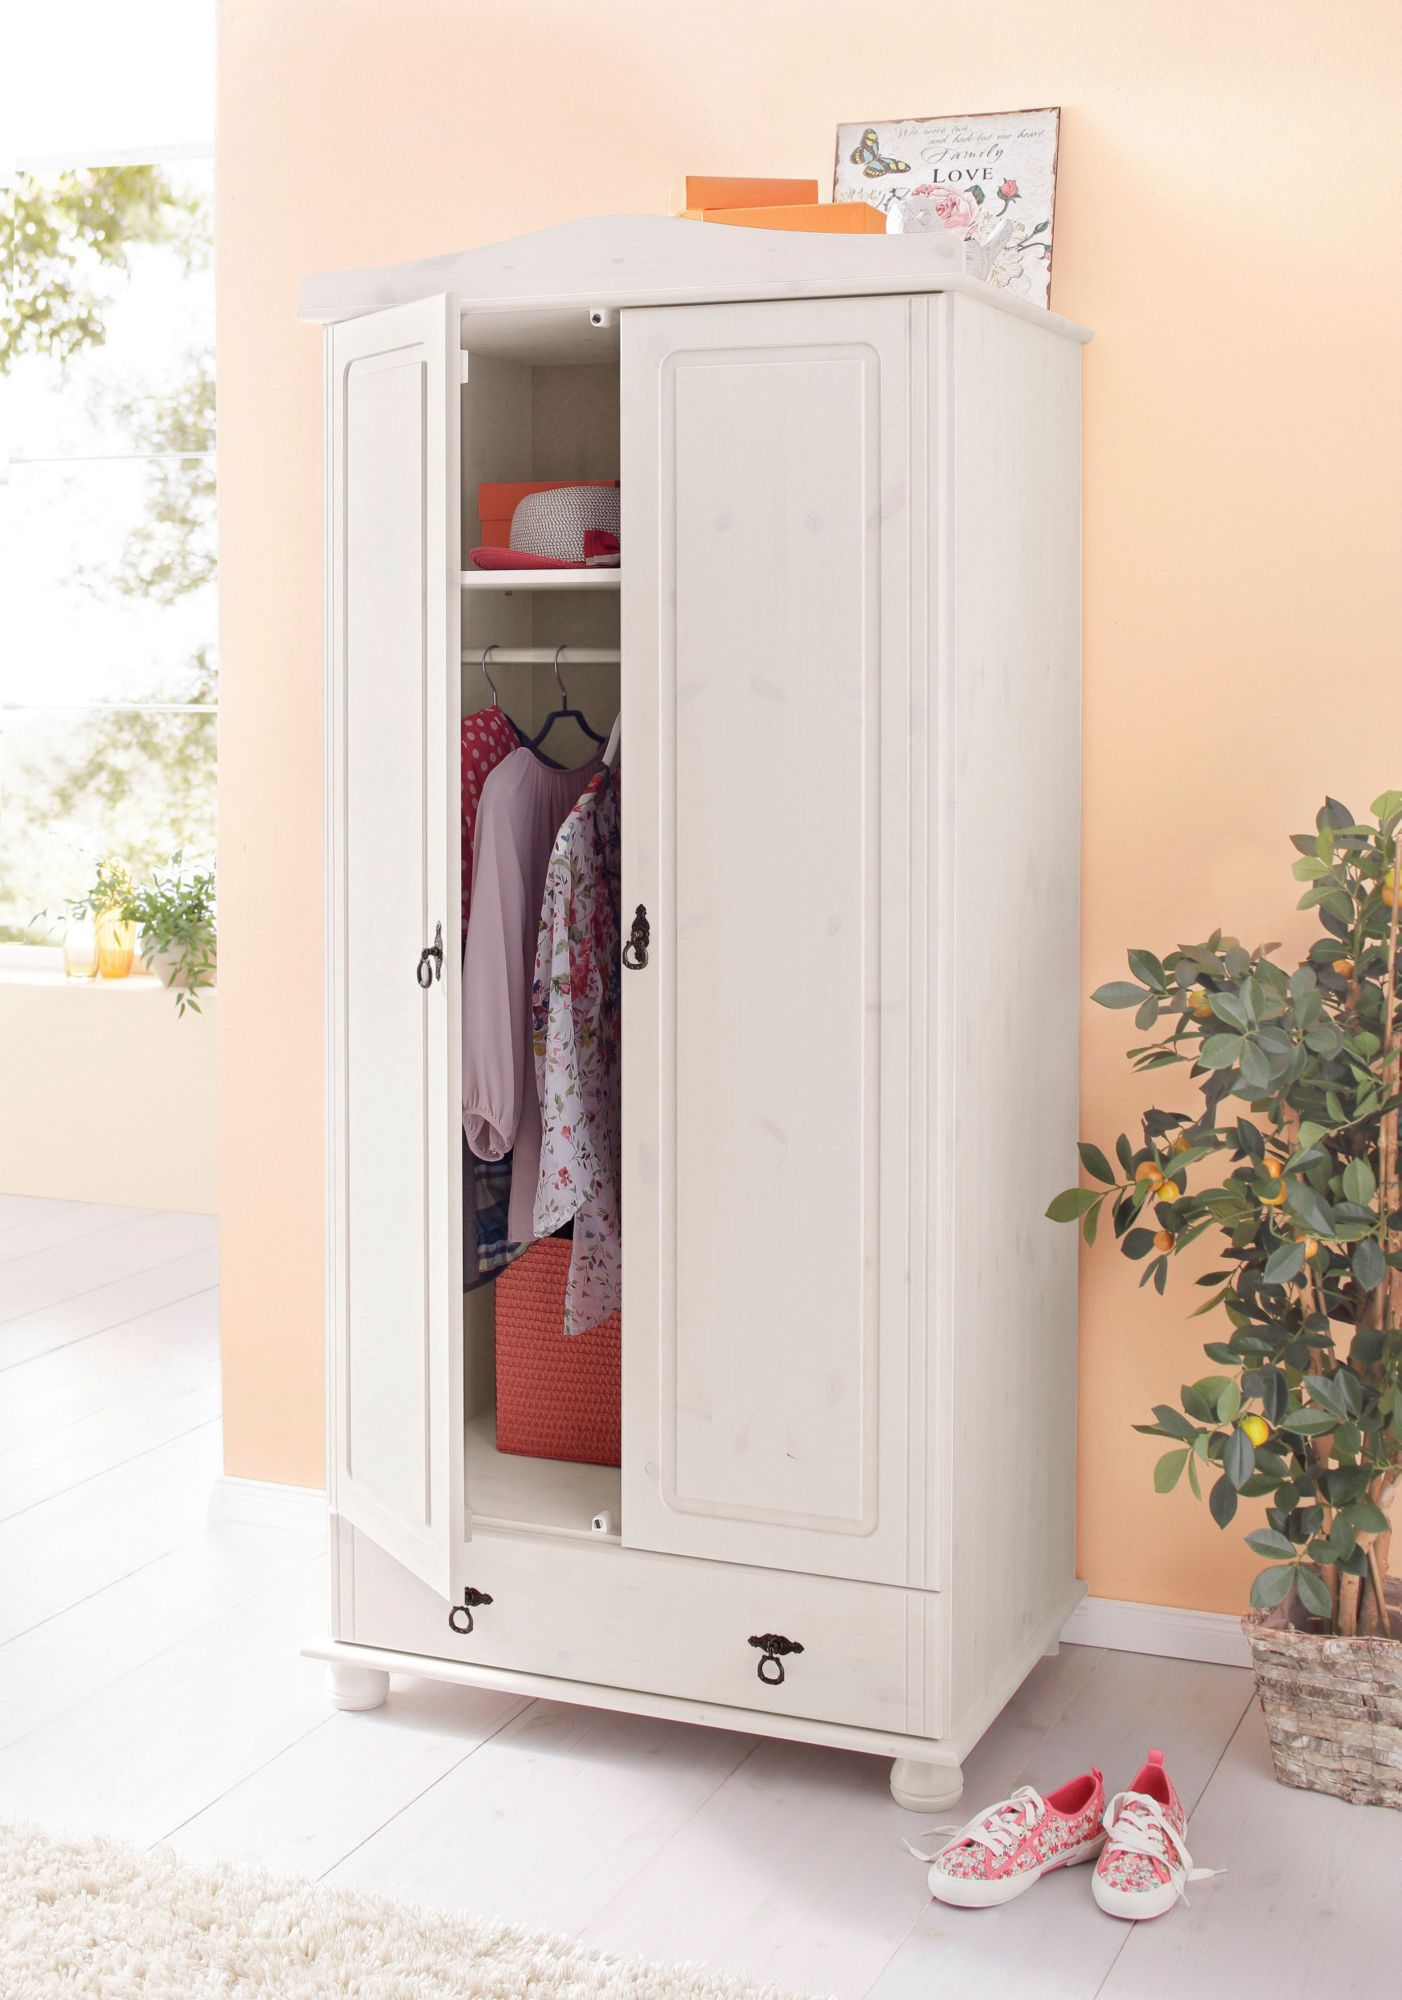 kleiderschrank home affaire finca schwab versand kleiderschr nke. Black Bedroom Furniture Sets. Home Design Ideas